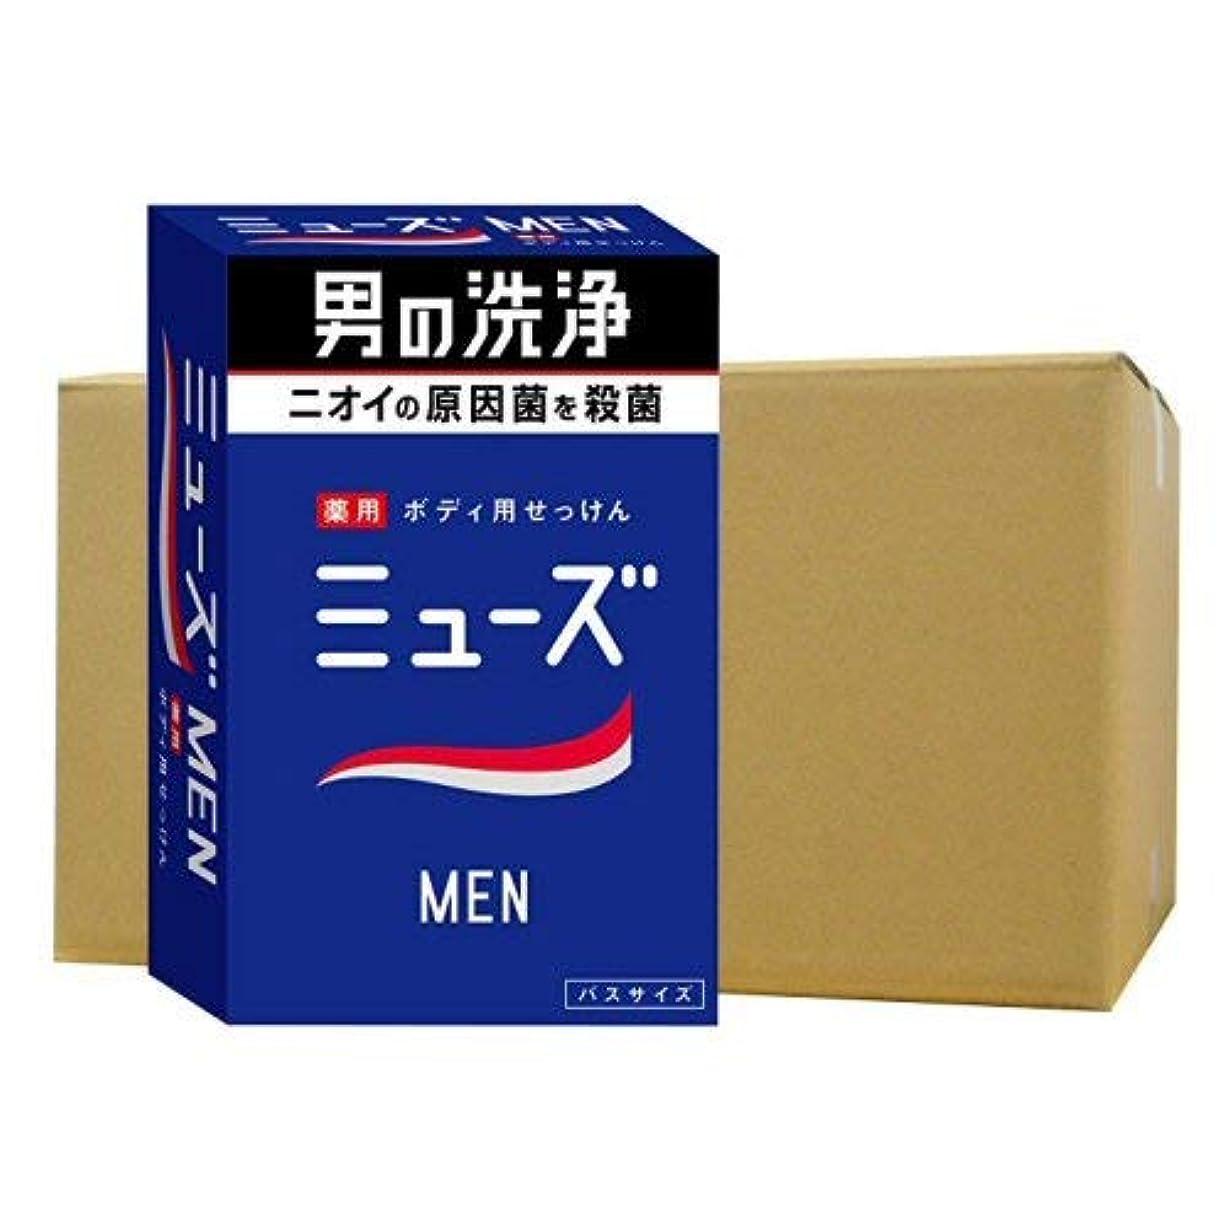 発疹くしゃみ定義ミューズメン薬用石鹸 135g×24個セット